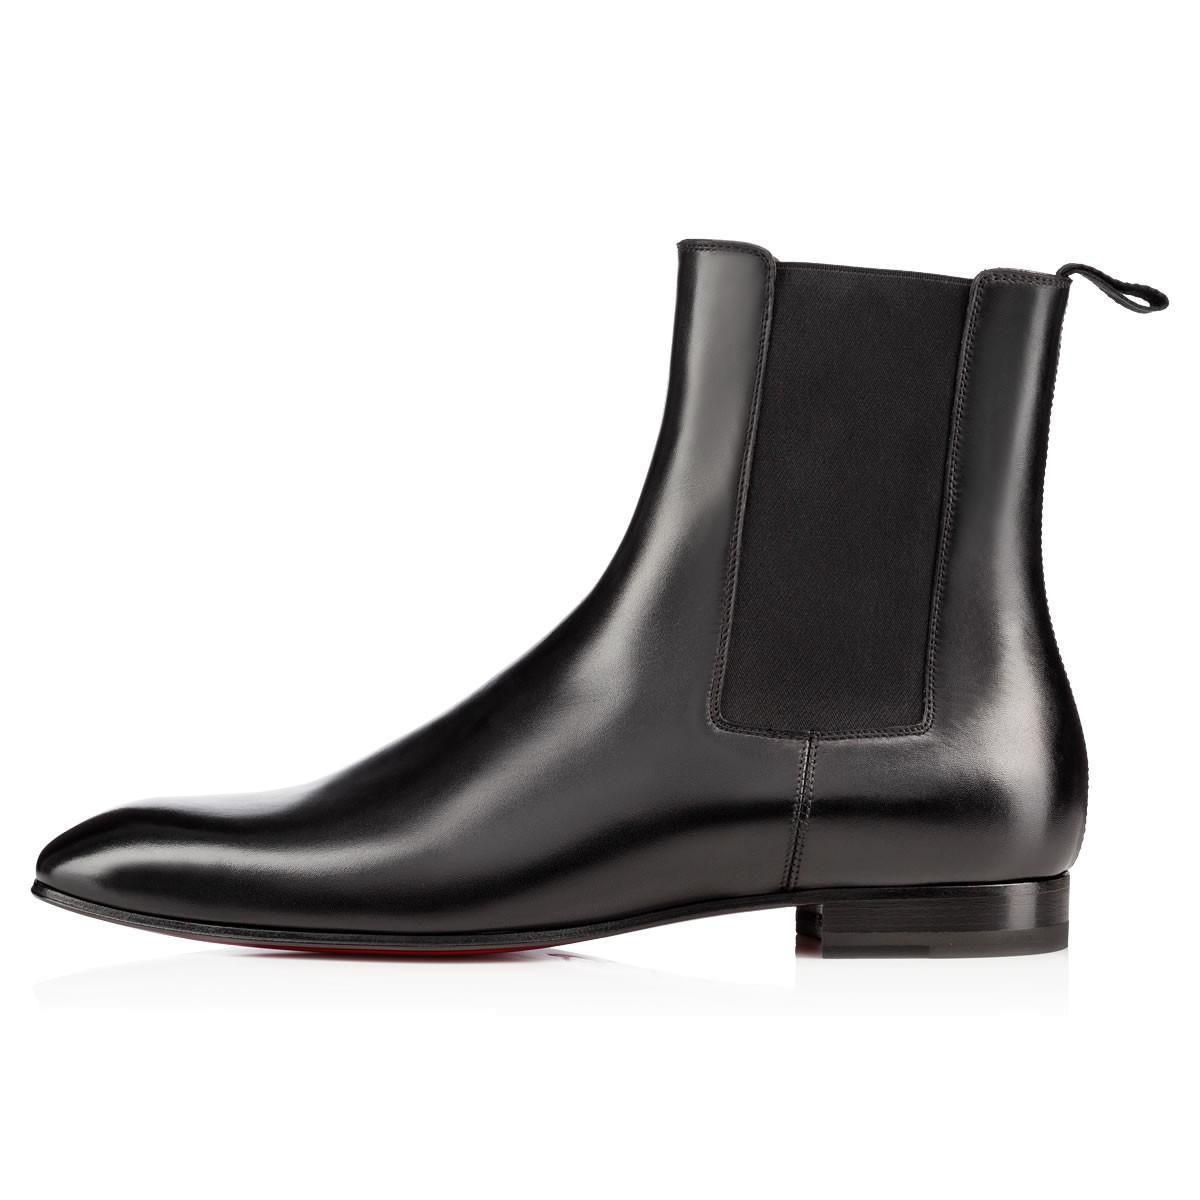 Moda elegante del diseñador de los hombres de negocios de cuero Negro cargadores del caballero de alta top rojo botas abajo, Marca plana tobillo patea los zapatos casuales L14